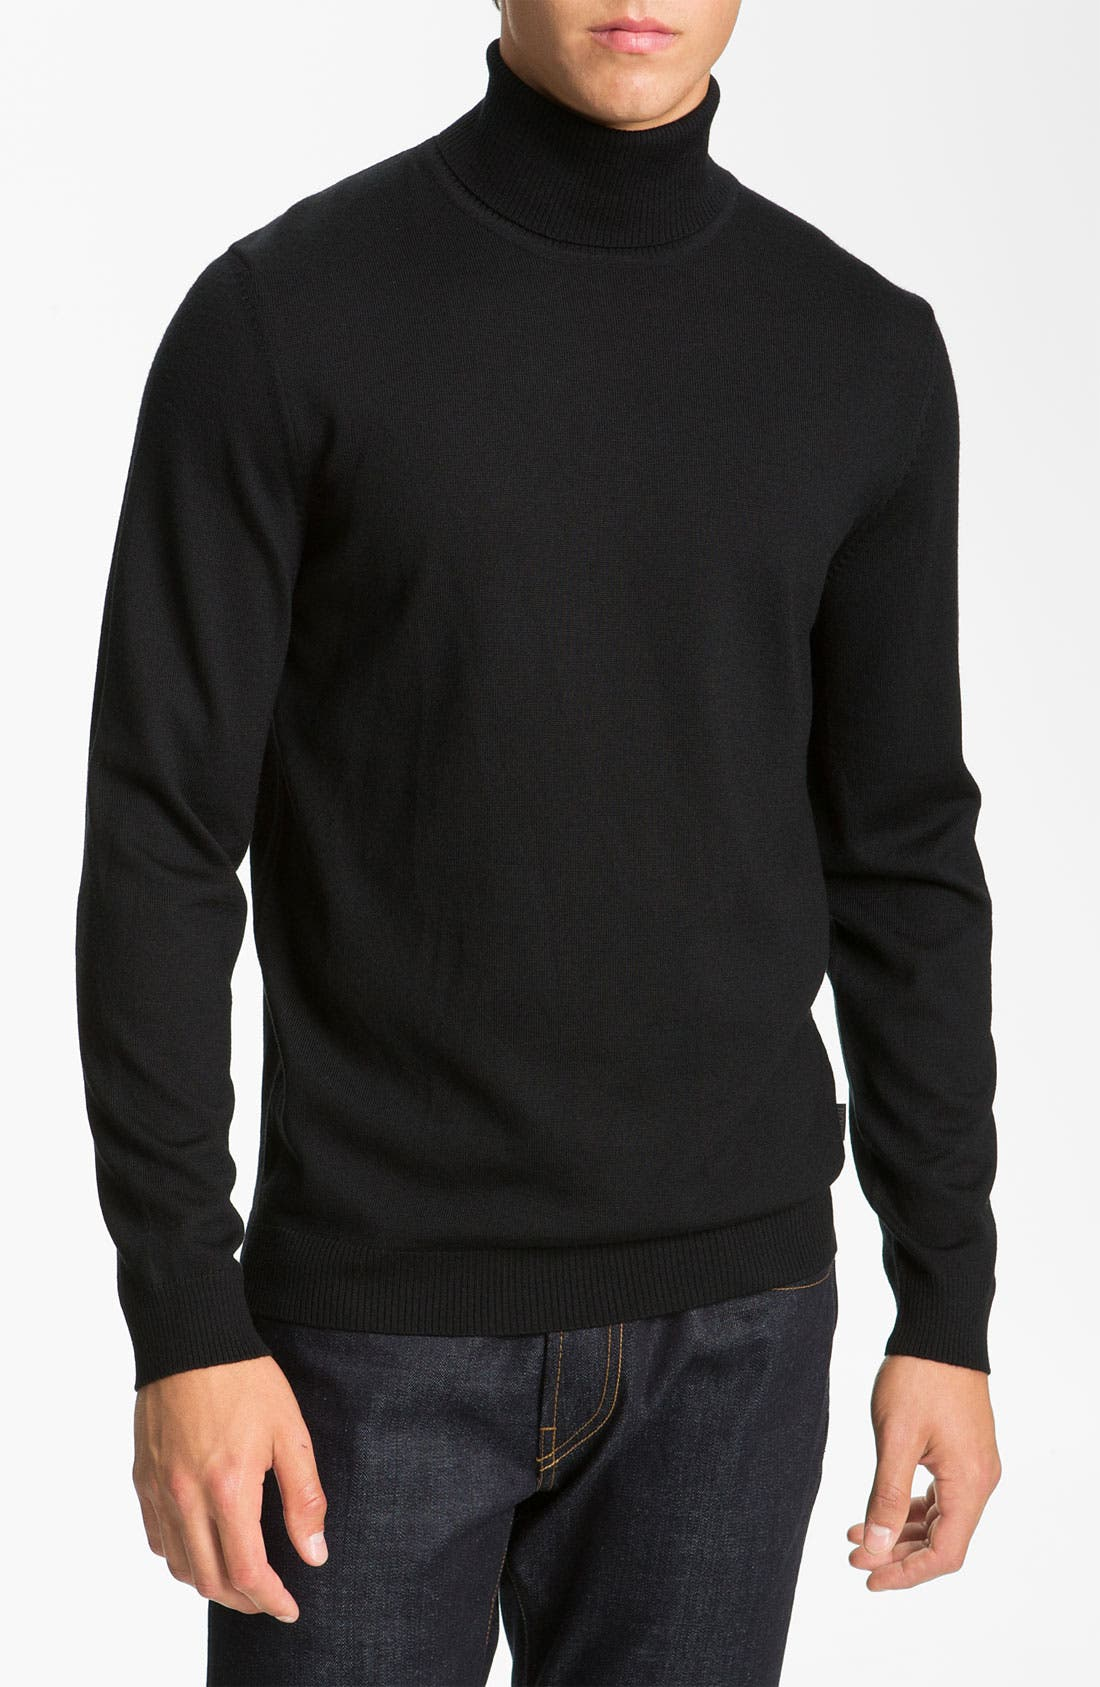 Alternate Image 1 Selected - BOSS Black Slim Fit Wool Turtleneck